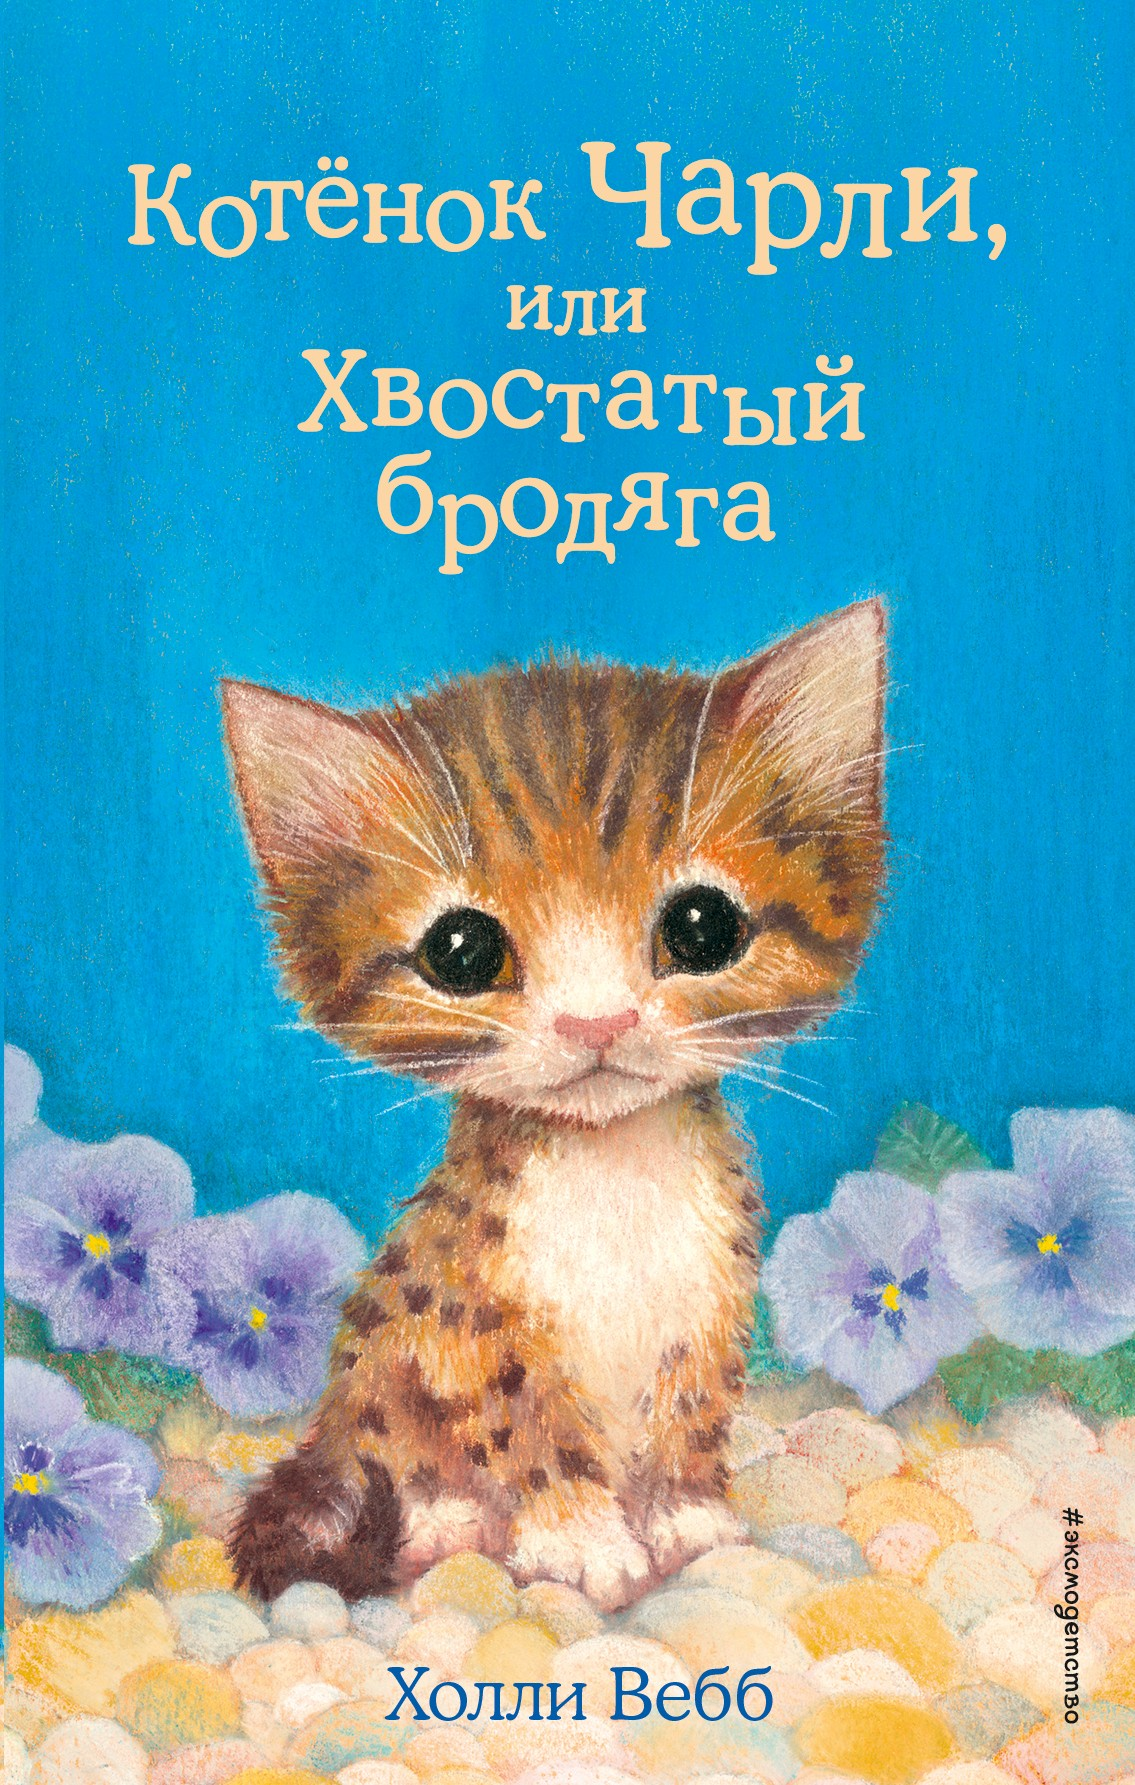 Купить книгу Котёнок Чарли, или Хвостатый бродяга, автора Холли Вебб